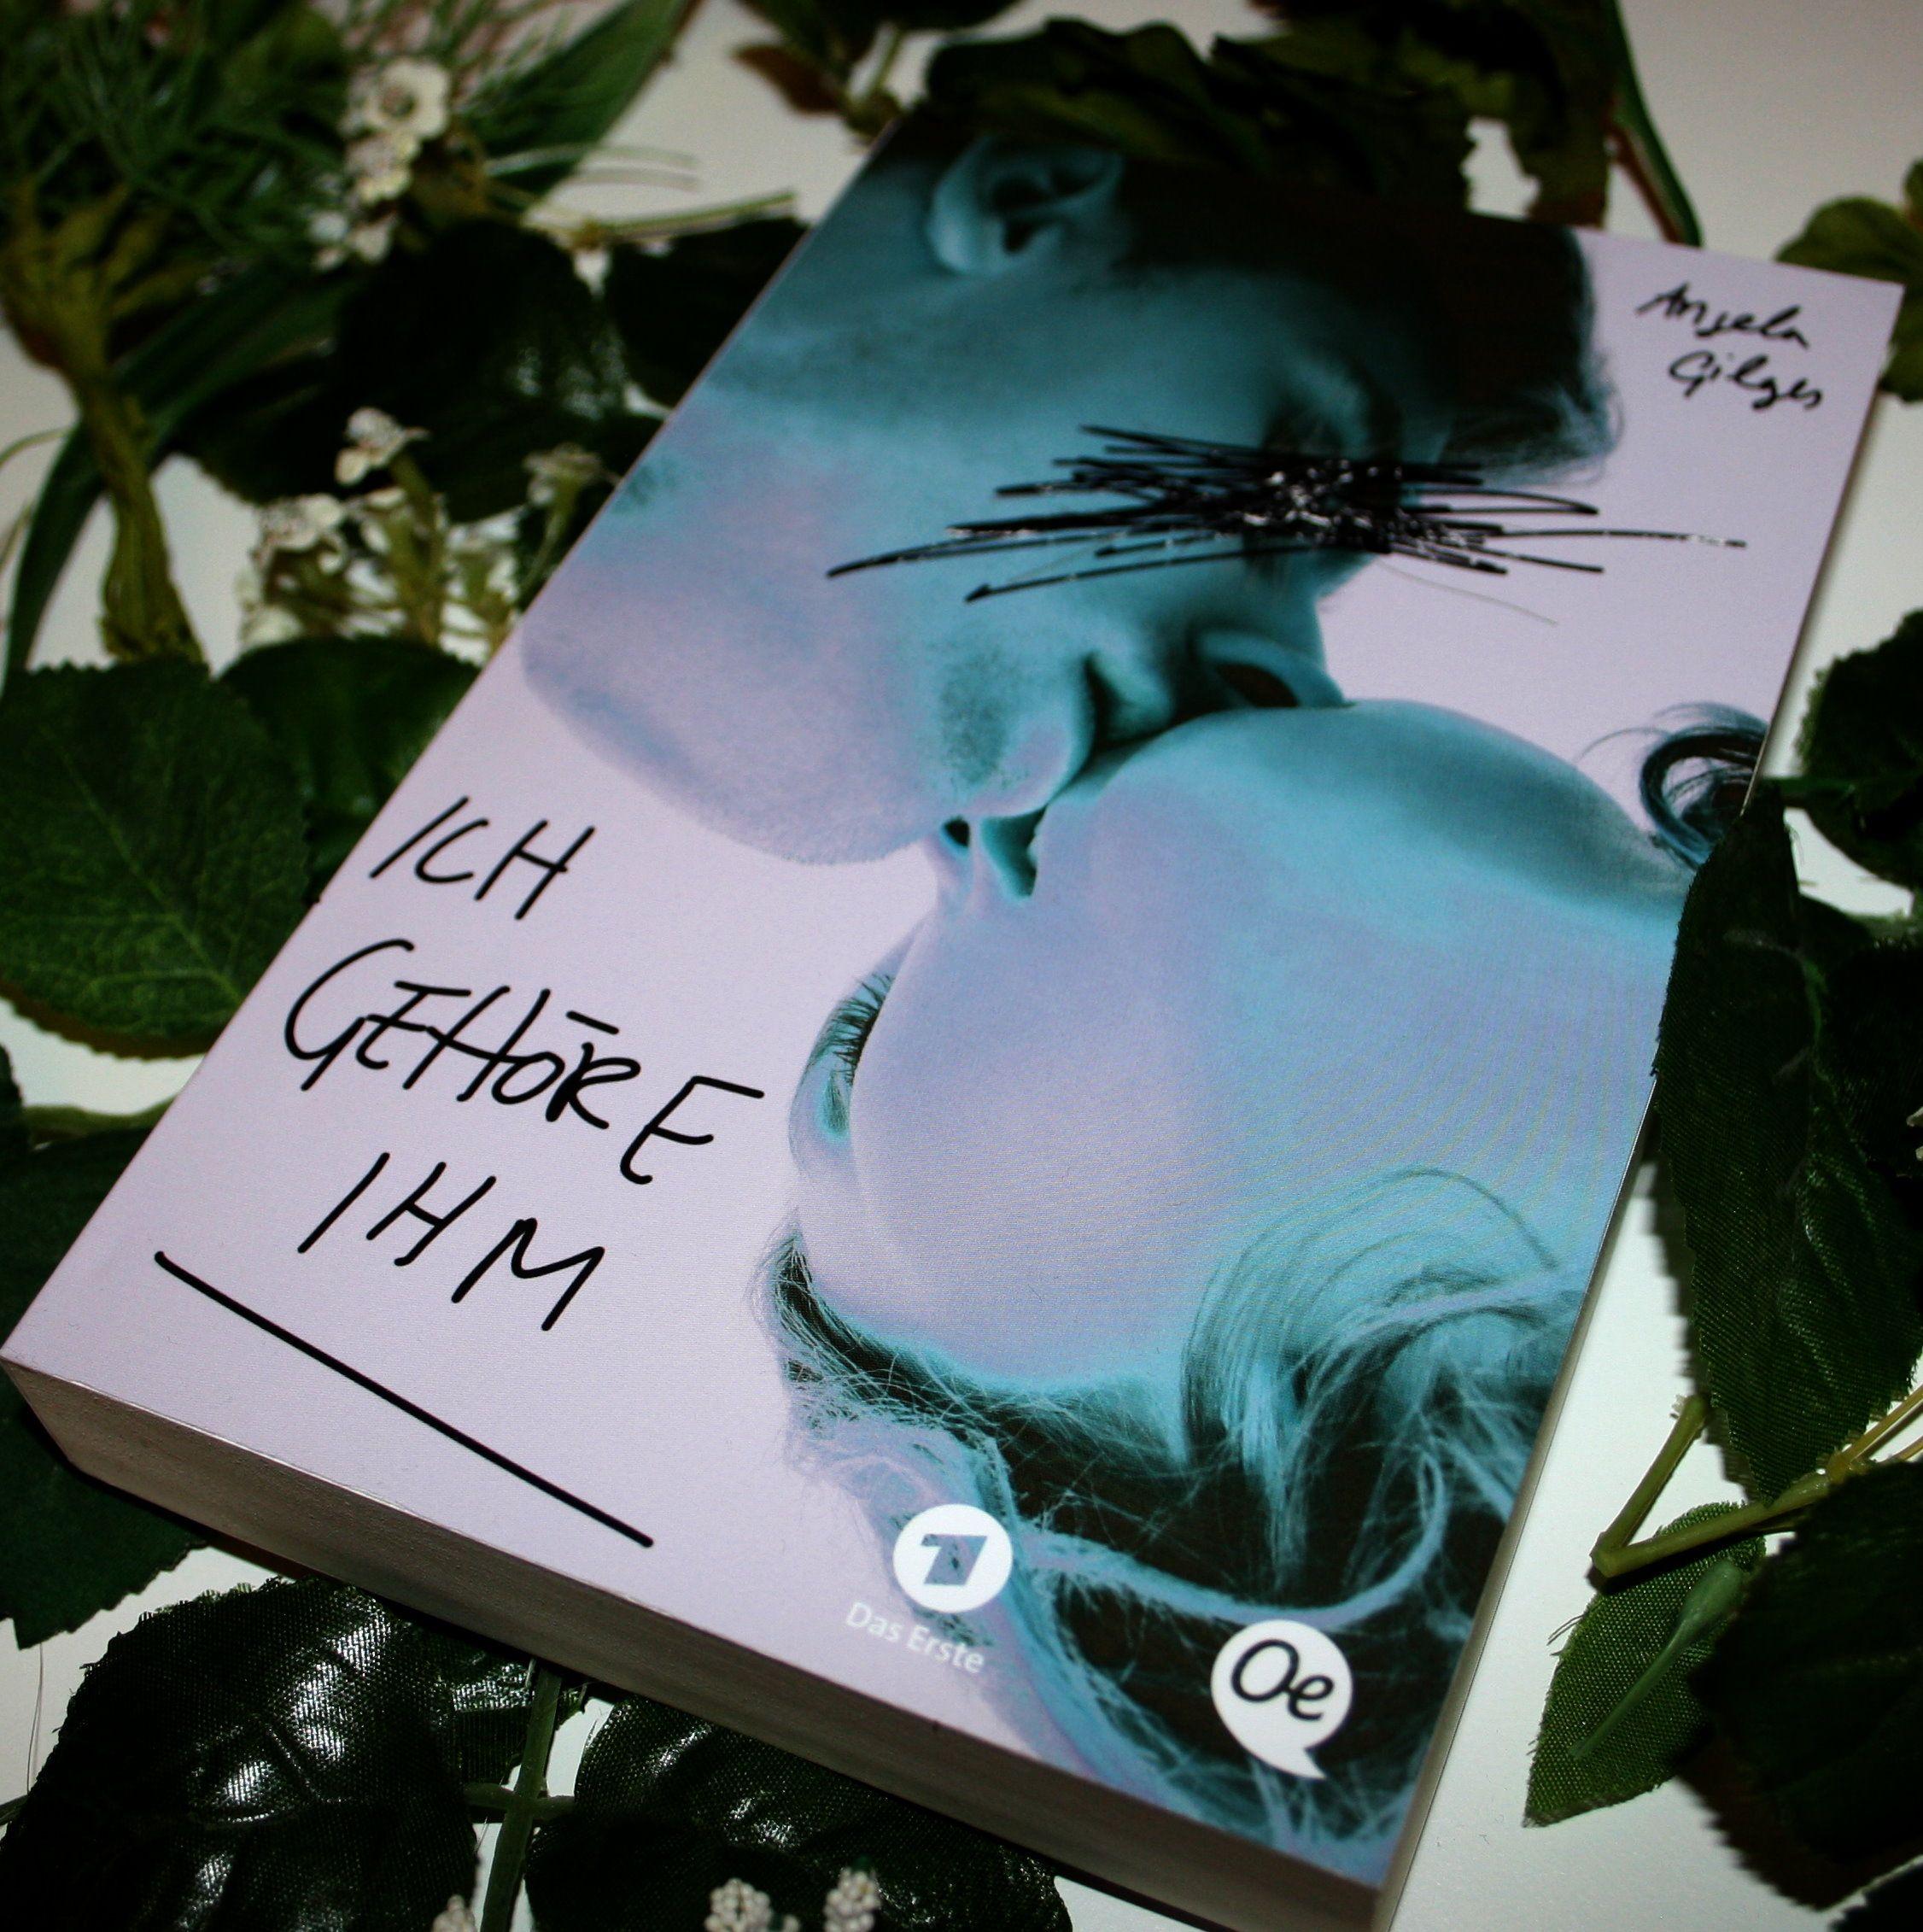 [Rezension] Angela Gilges Ich gehöre ihm Bücher, Filme